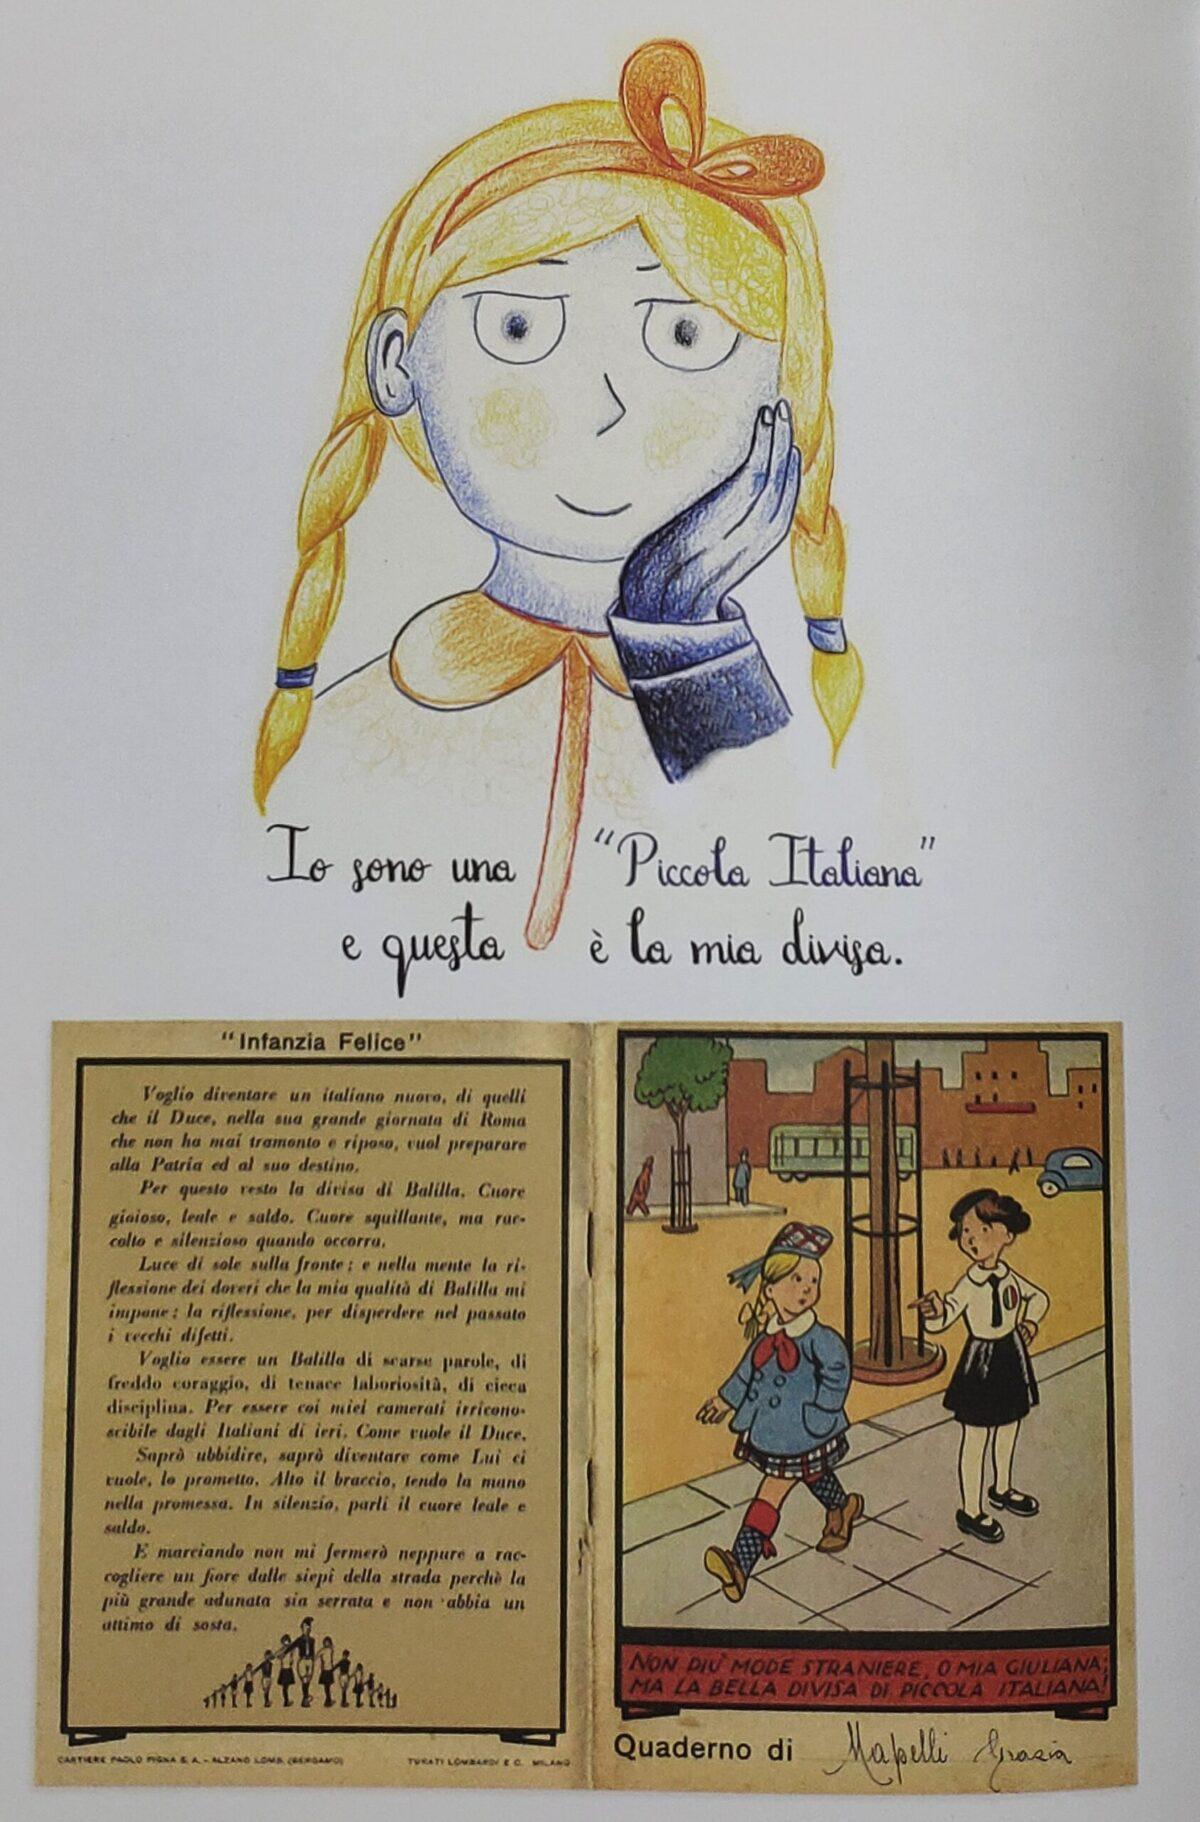 Mio caro fumetto... Graziella Mapelli è una Piccola Italiana